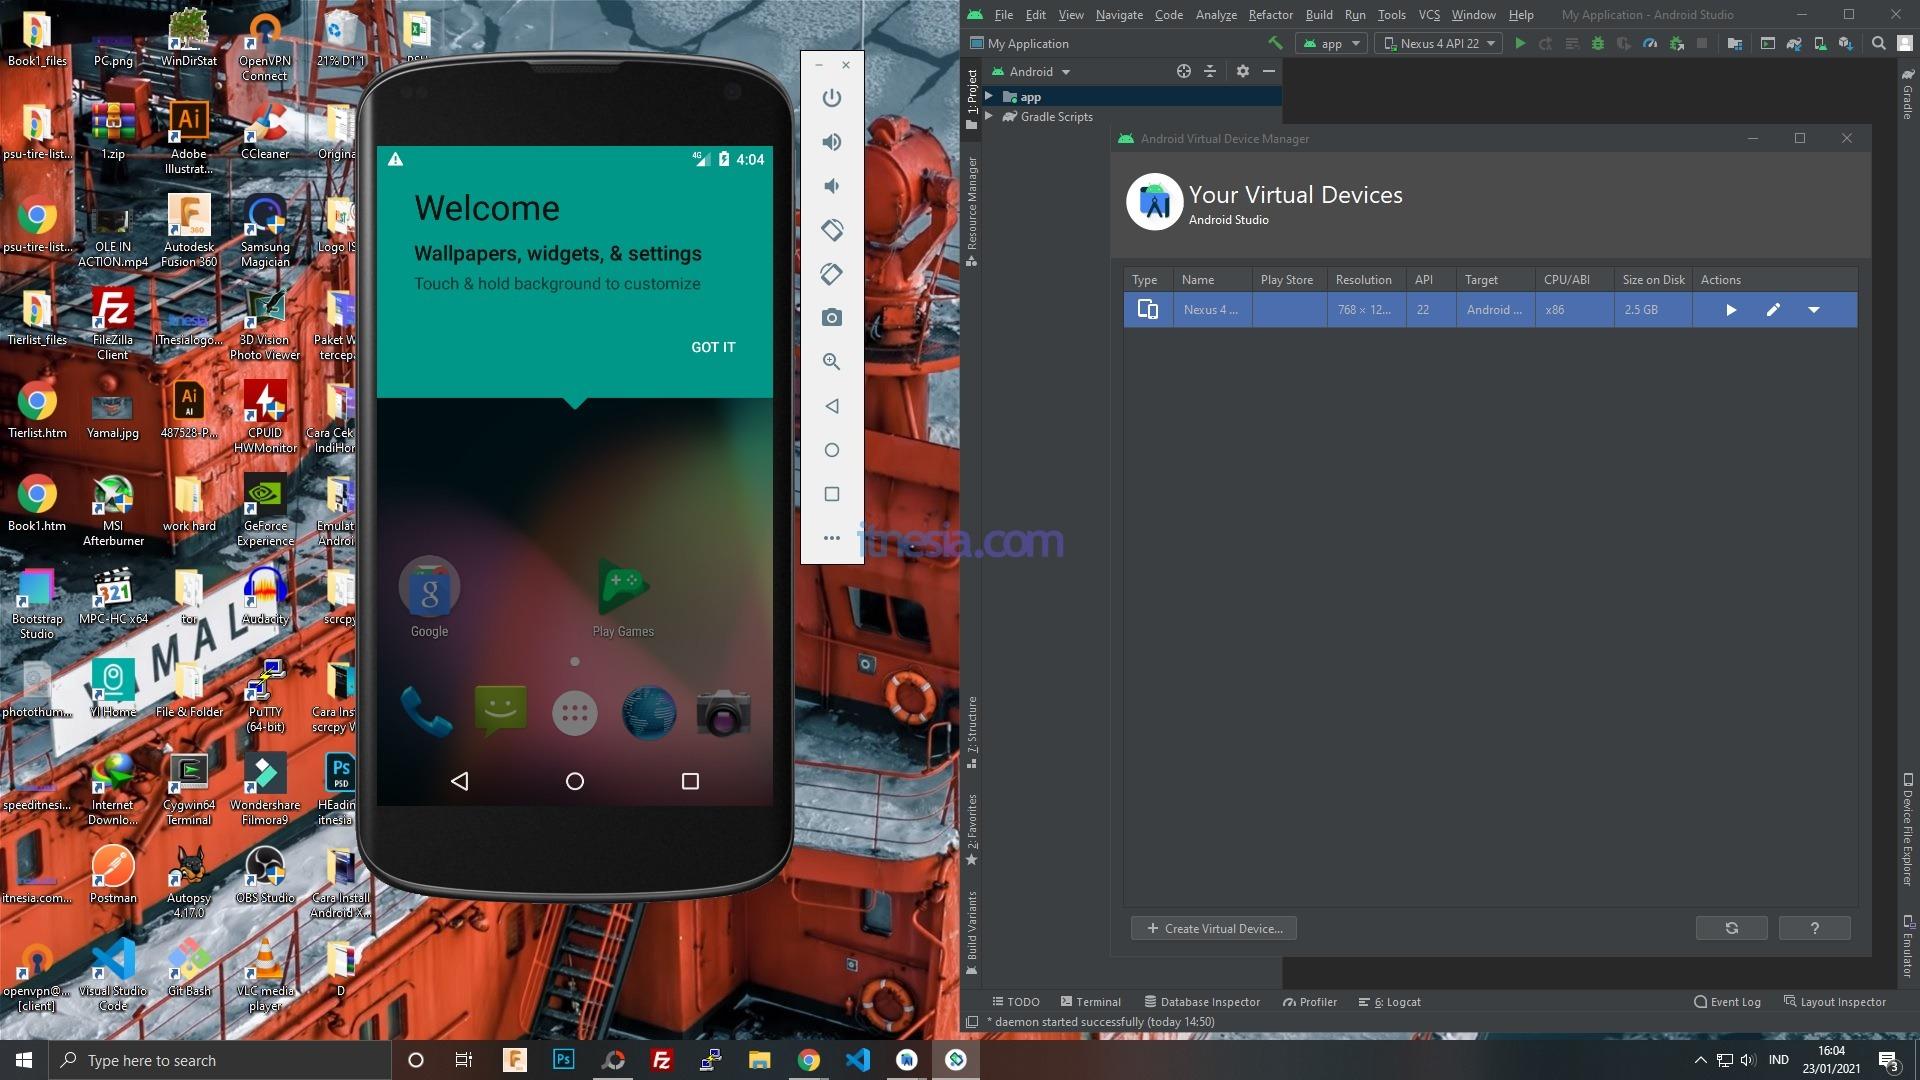 Emulator Android Pada Android Studio Menampilkan Google Nexus Sebagai Virtual Device Beroperasi Menggunakan Android Lollipop